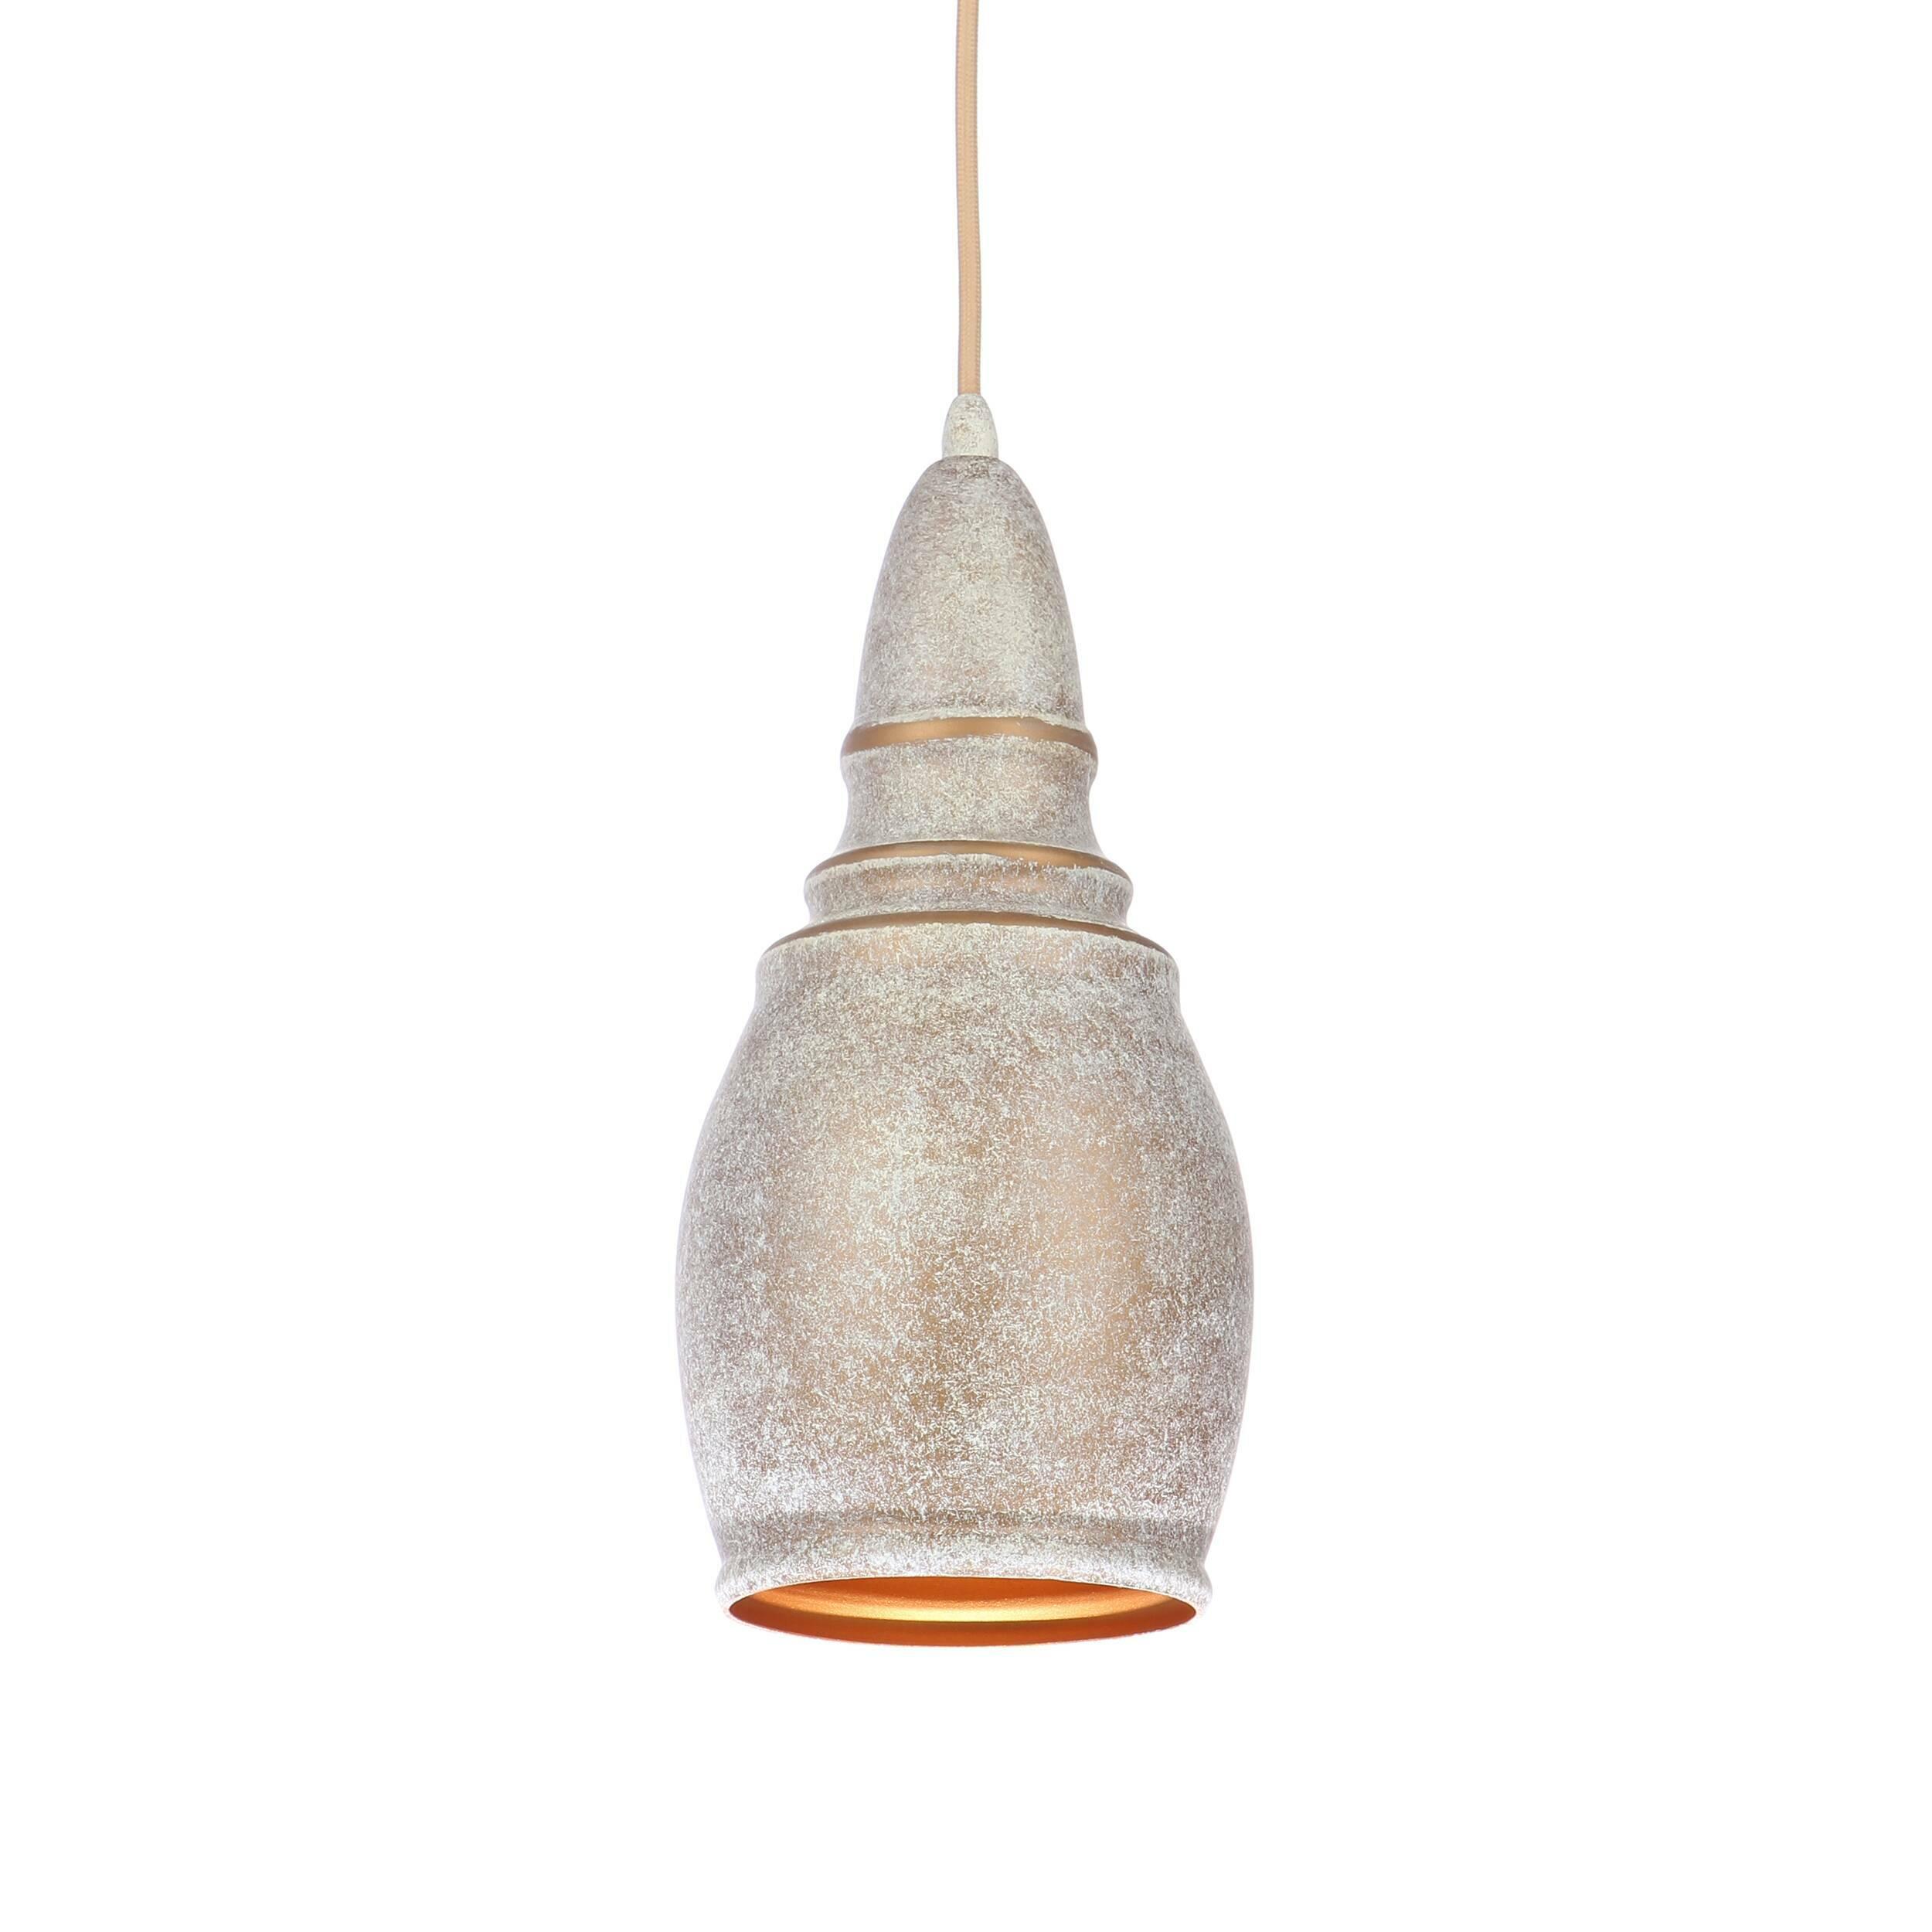 Подвесной светильник Thai Stupa диаметр 14Подвесные<br>Подвесной светильник Thai Stupa диаметр 14 обладает универсальным дизайном, который легко впишется практически в любой тип интерьера. Известные западные дизайнеры постарались сделать его нейтральным и спокойным, он не будет перегружать интерьер, но зато дополнит его своей мягкой, плавной формой и светлыми цветами. Светильник может гармонично сочетаться как с современными стилями, так и с более традиционными направлениями в интерьерном дизайне.<br><br><br> Абажур, или «колокол» светильника, сдел...<br><br>stock: 0<br>Высота: 200<br>Диаметр: 13,8<br>Доп. цвет абажура: Золотой<br>Количество ламп: 1<br>Материал абажура: Алюминий<br>Материал арматуры: Сталь<br>Мощность лампы: 40<br>Ламп в комплекте: Нет<br>Напряжение: 220<br>Тип лампы/цоколь: E27<br>Цвет абажура: Антикварный<br>Цвет арматуры: Антикварный